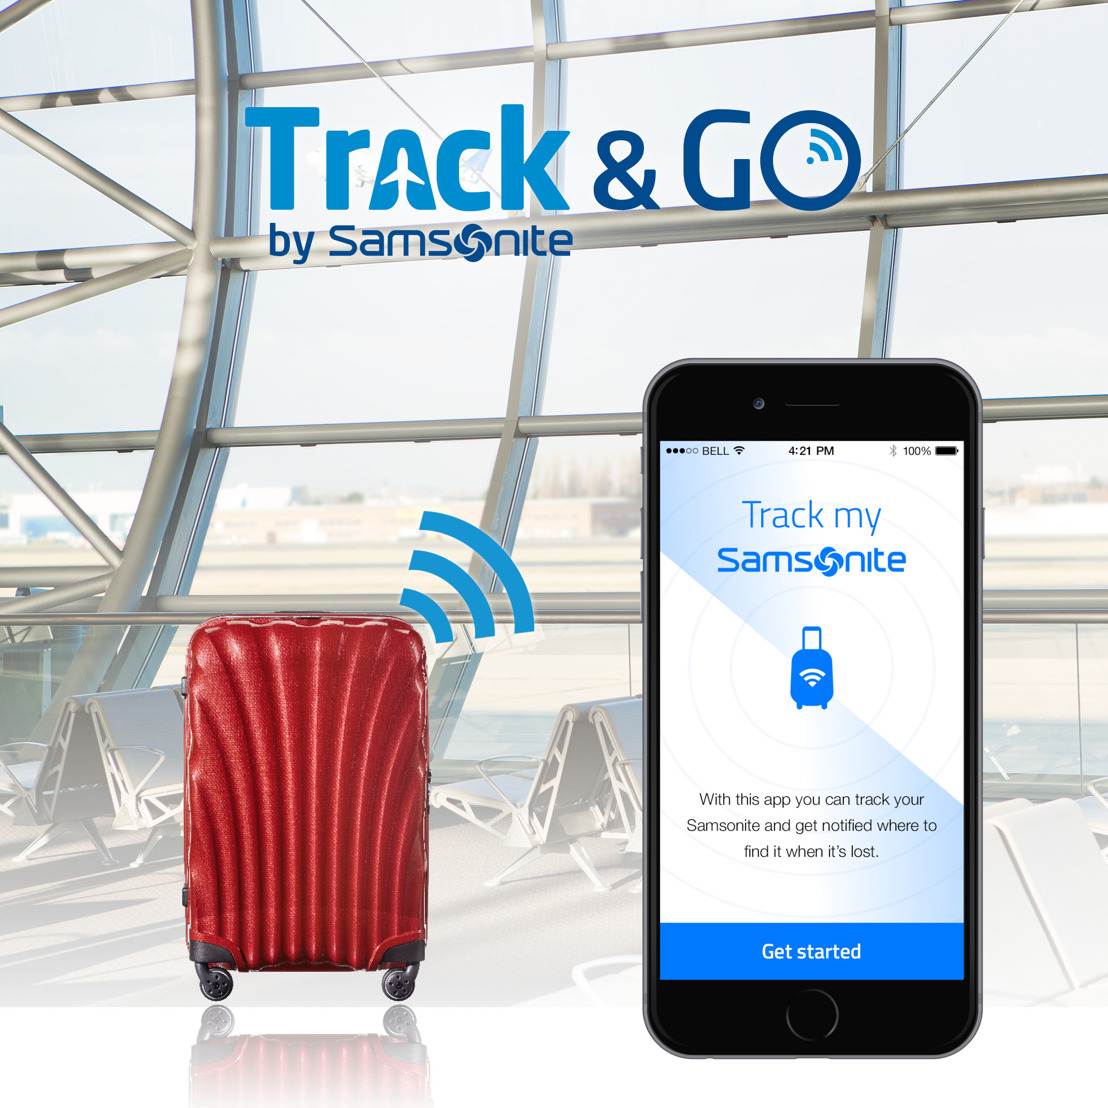 Samsonite werkt samen met Vodafone voor haar innovatieve bagage tracking oplossing Track&Go™